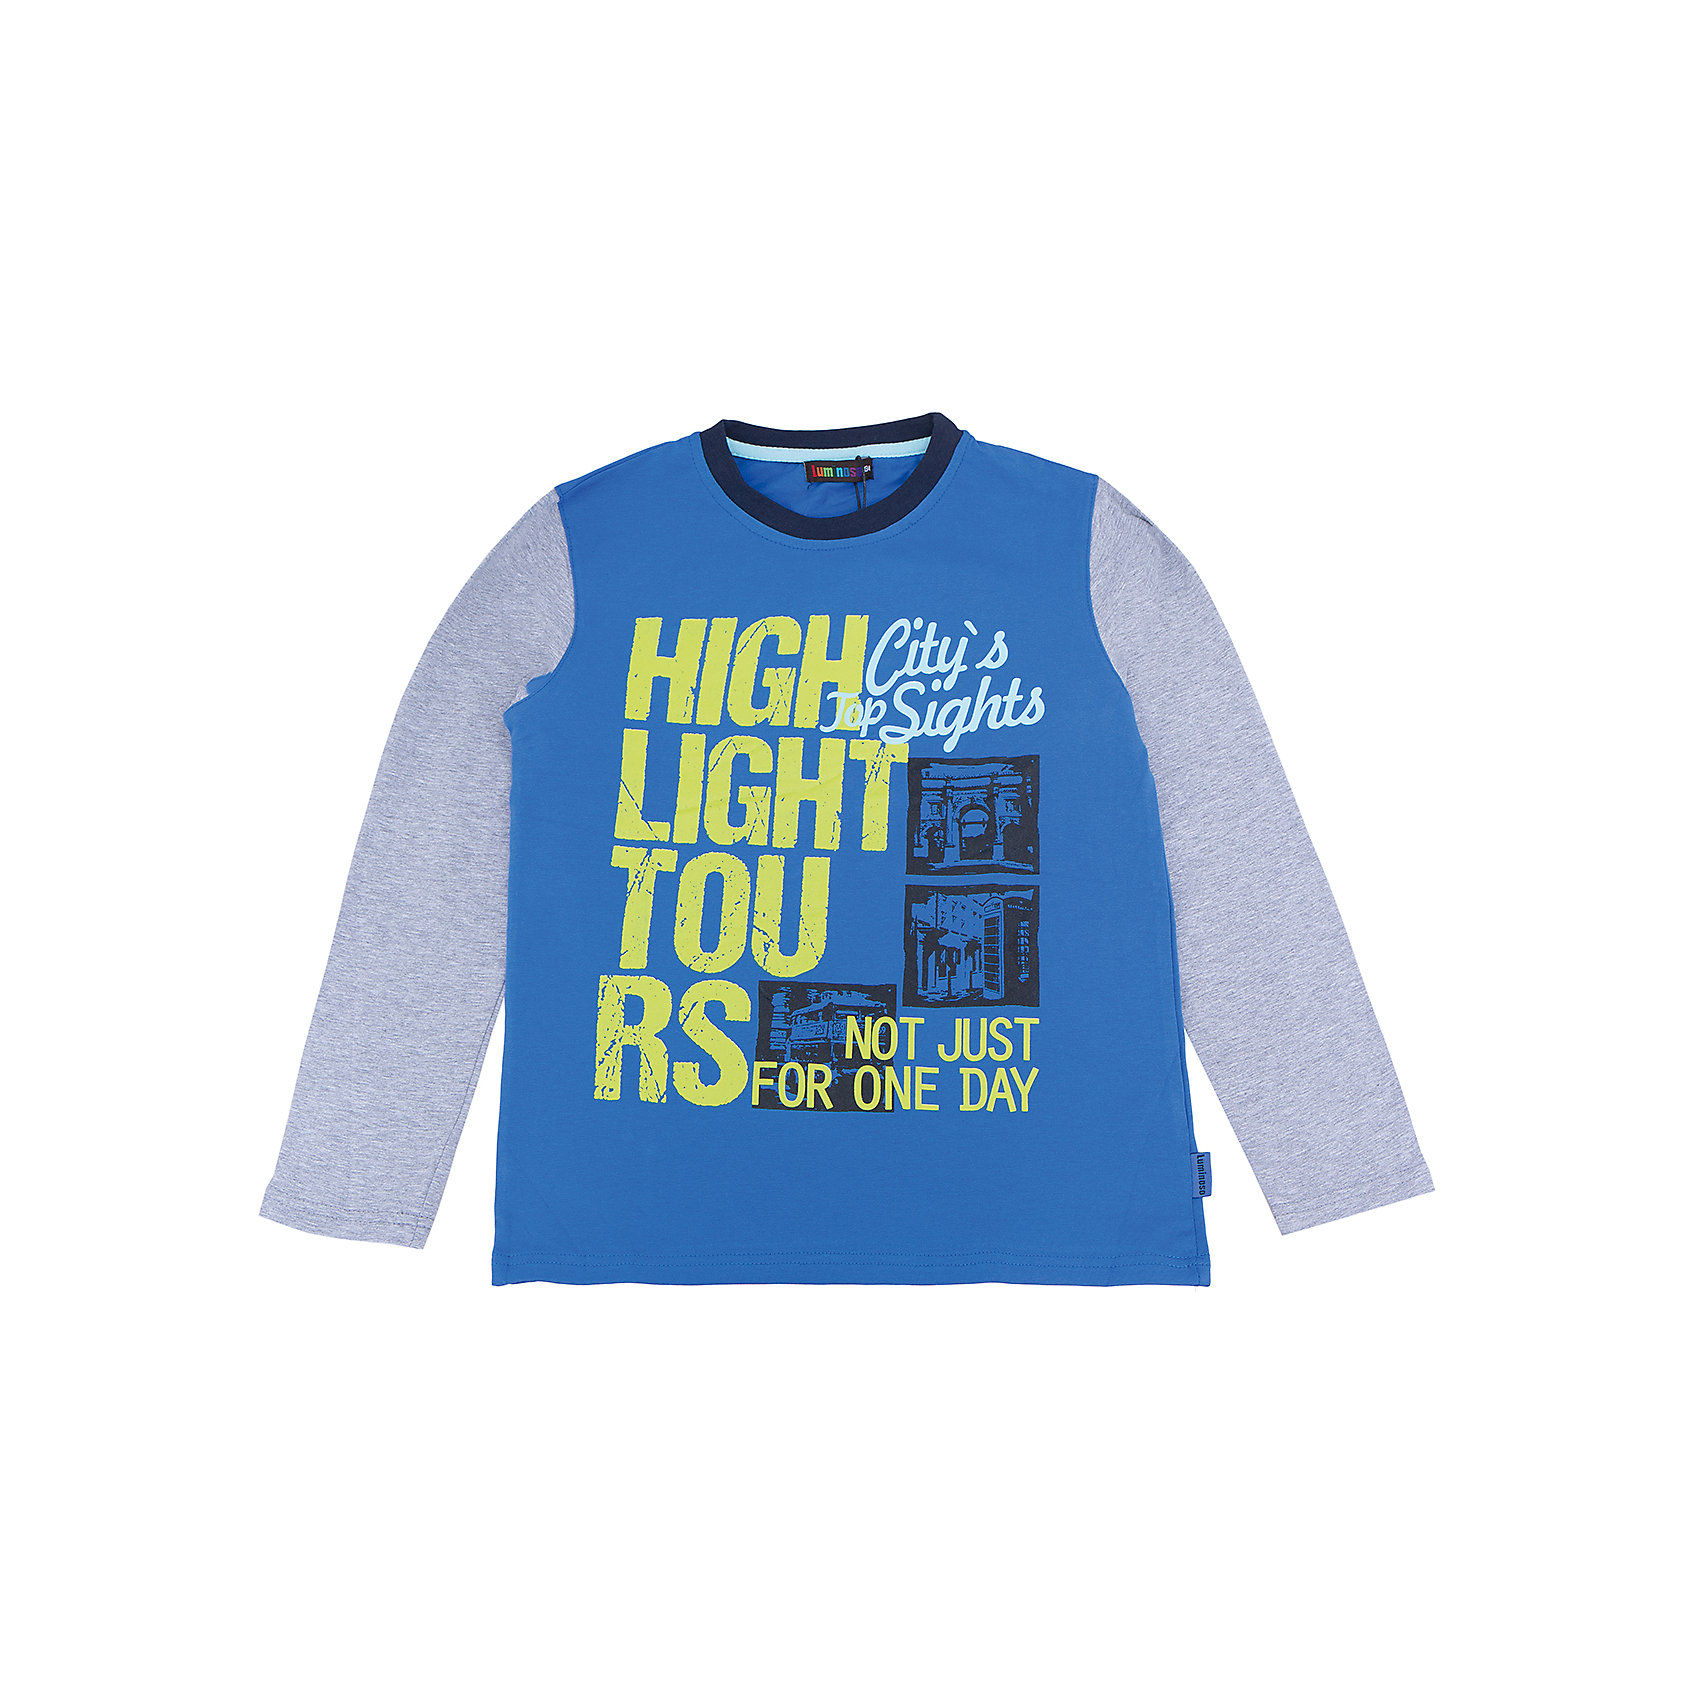 Футболка с длинным рукавом для мальчика LuminosoХарактеристики товара:<br><br>- цвет: синий;<br>- материал: 95% хлопок, 5% эластан;<br>- декорирована принтом;<br>- длинный рукав;<br>- округлый горловой вырез.<br><br>Стильная одежда от бренда Luminoso (Люминосо), созданная при участии итальянских дизайнеров, учитывает потребности подростков и последние веяния моды. Она удобная и модная.<br>Эта футболка с длинным рукавом выглядит стильно и нарядно, но при этом подходит для ежедневного ношения. Он хорошо сидит на ребенке, обеспечивает комфорт и отлично сочетается с одежной разных стилей. Модель отличается высоким качеством материала и продуманным дизайном. Натуральный хлопок в составе изделия делает его дышащим, приятным на ощупь и гипоаллергеным.<br><br>Футболку с длинным рукавом для мальчика от бренда Luminoso (Люминосо) можно купить в нашем интернет-магазине.<br><br>Ширина мм: 230<br>Глубина мм: 40<br>Высота мм: 220<br>Вес г: 250<br>Цвет: синий<br>Возраст от месяцев: 96<br>Возраст до месяцев: 108<br>Пол: Мужской<br>Возраст: Детский<br>Размер: 134,164,158,152,146,140<br>SKU: 4930872